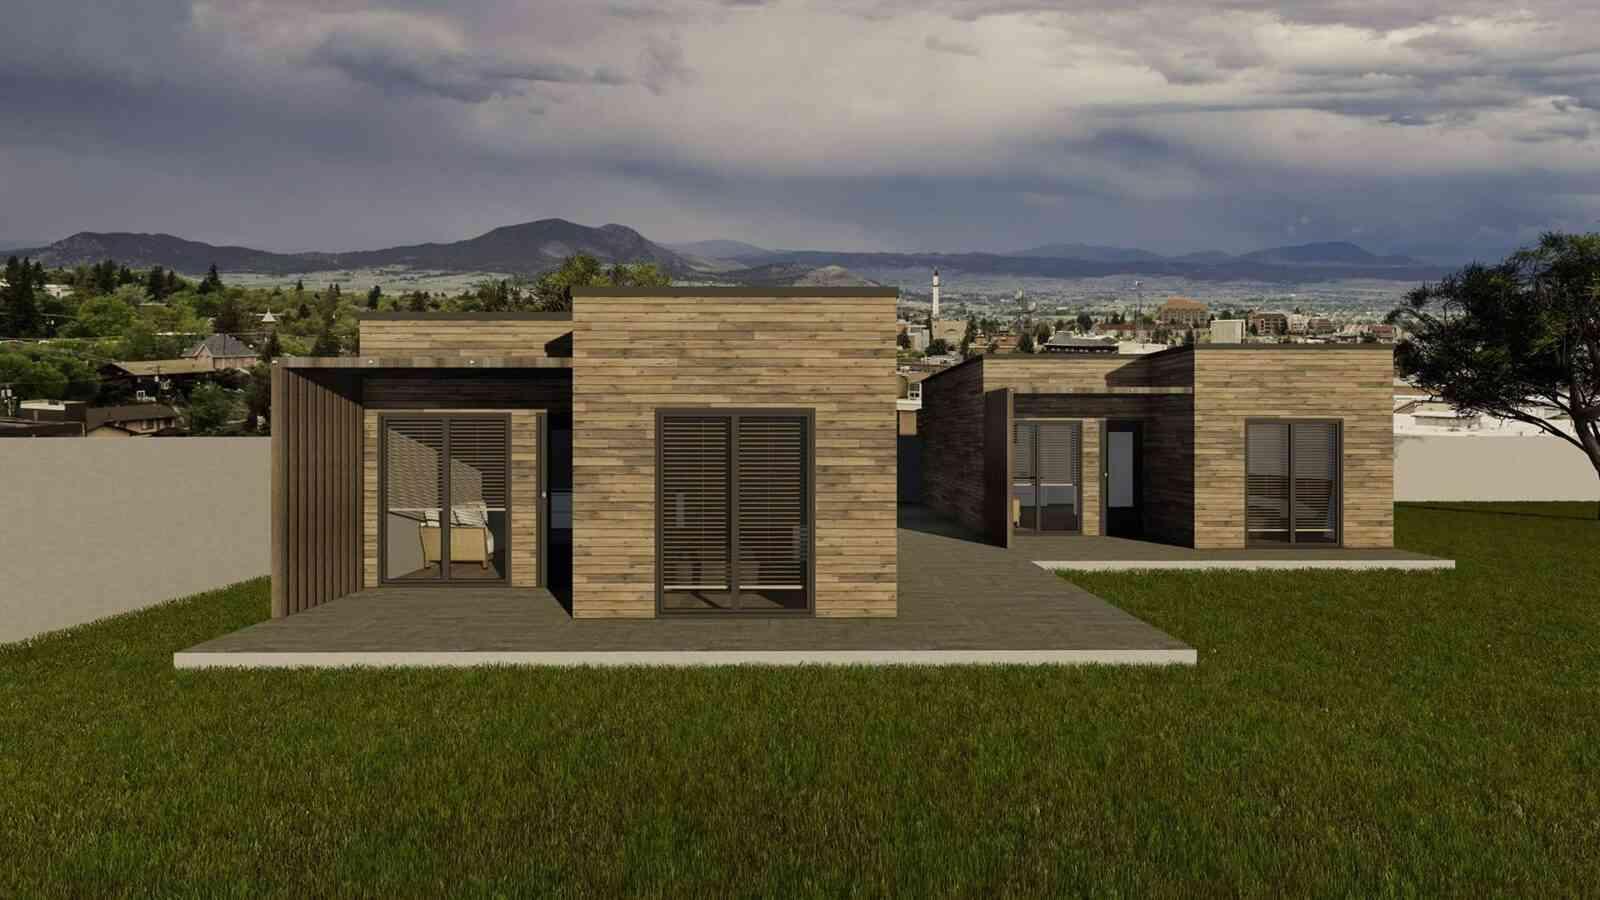 Casa de madeira modelo Casa Modular 51m², em Portugal